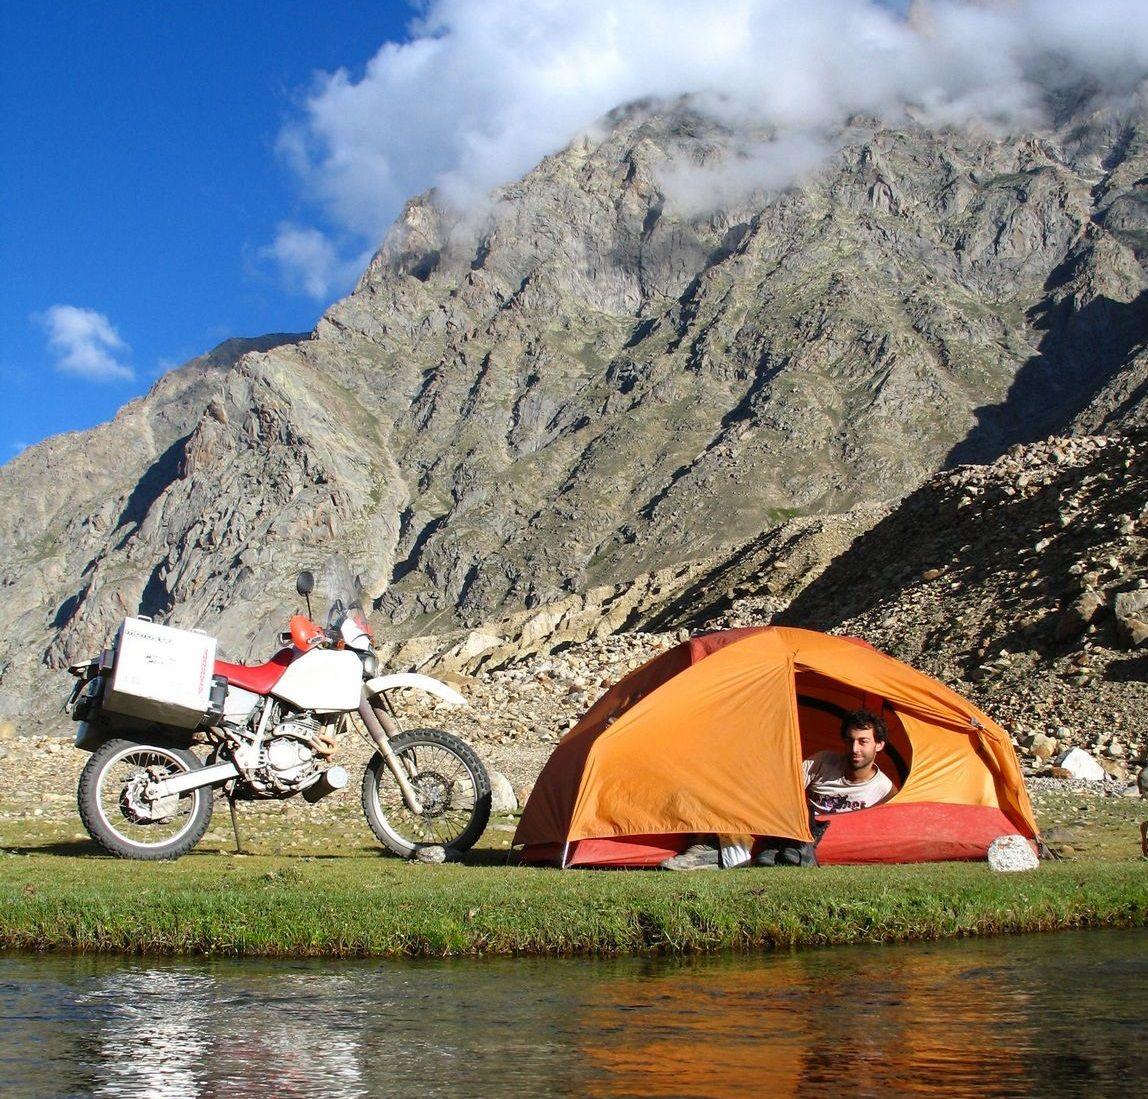 Μοτοσυκλέτα σίπλα σε πορτοκαλί σκηνή στους πρόποδες βουνού